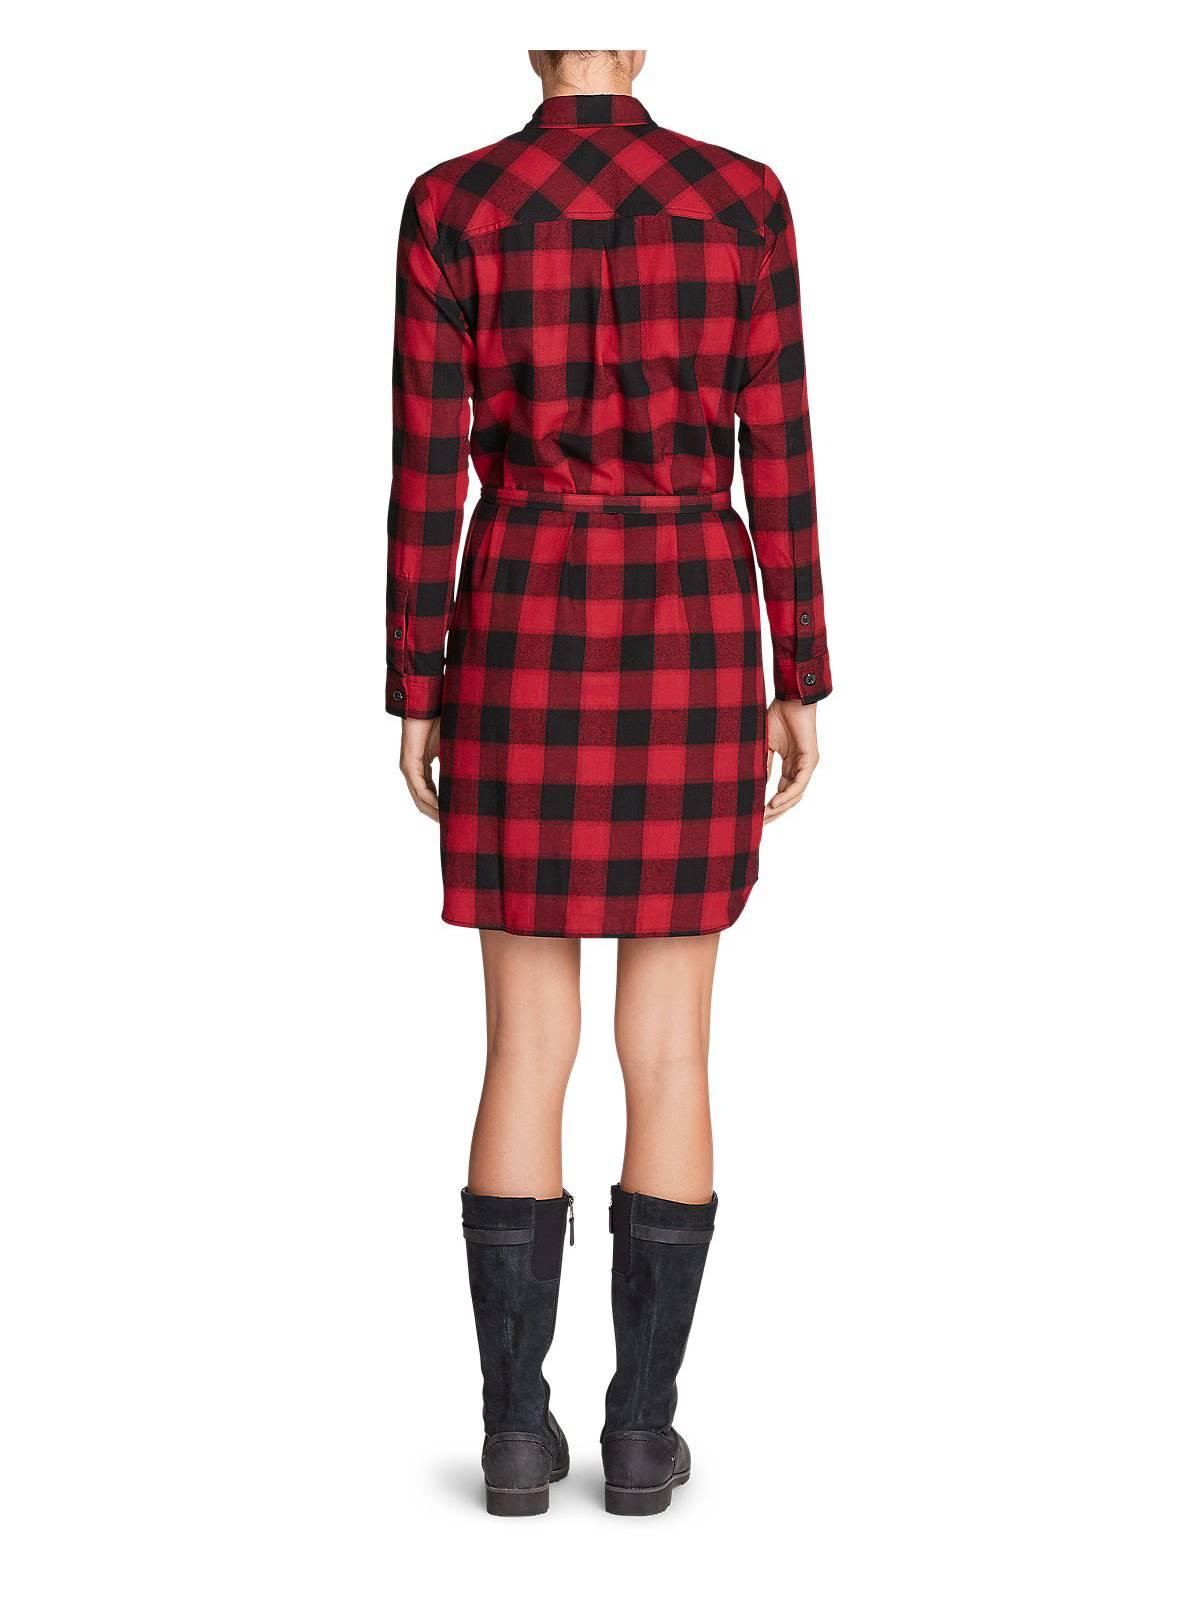 Eddie Bauer Women's Stine's Favorite Flannel Flannel Flannel Shirt Dress 537070